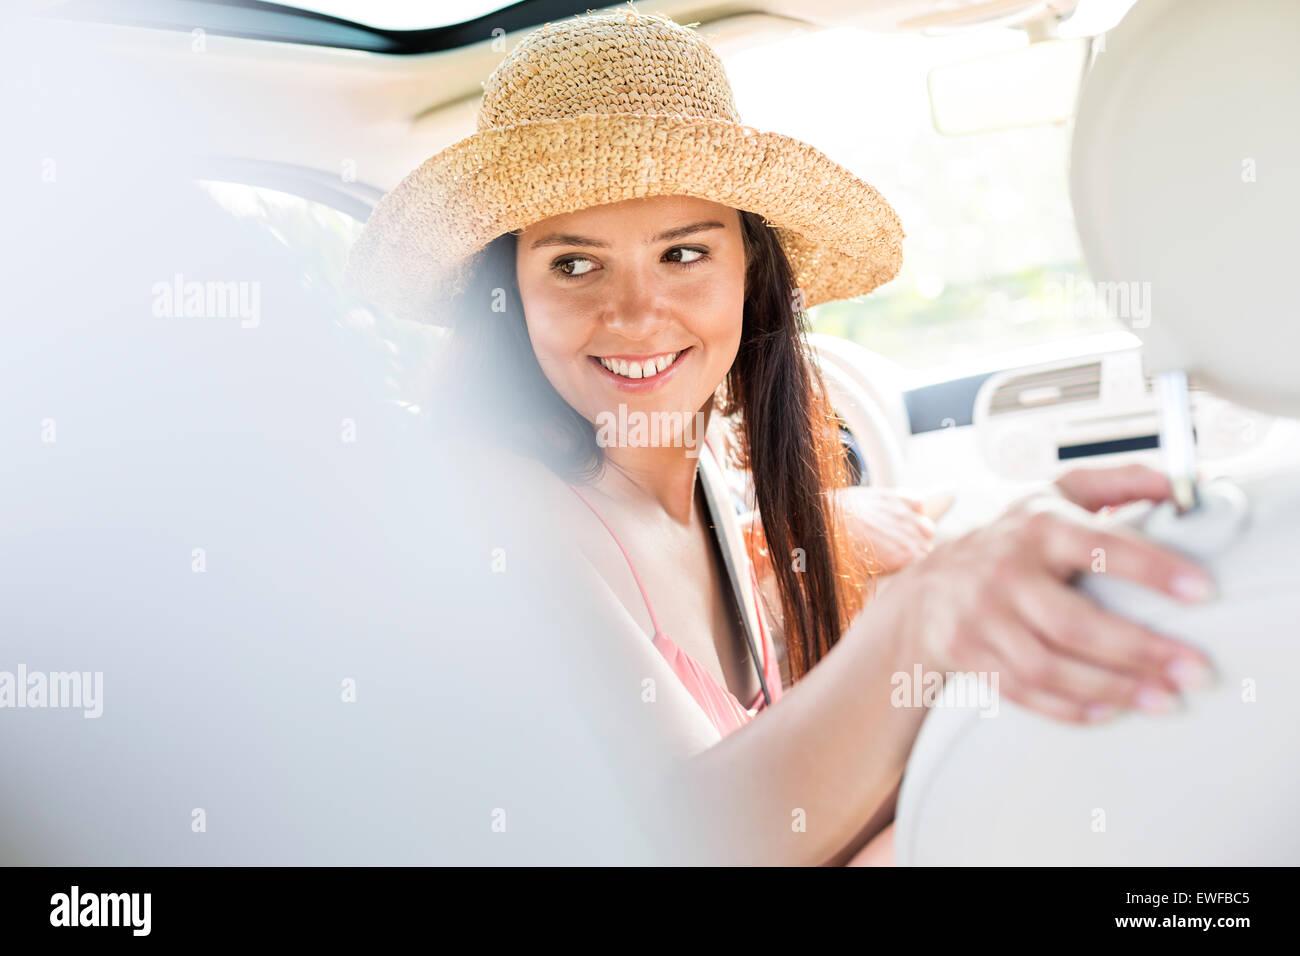 Feliz mujer mirando hacia atrás durante la conducción de automóviles Imagen De Stock